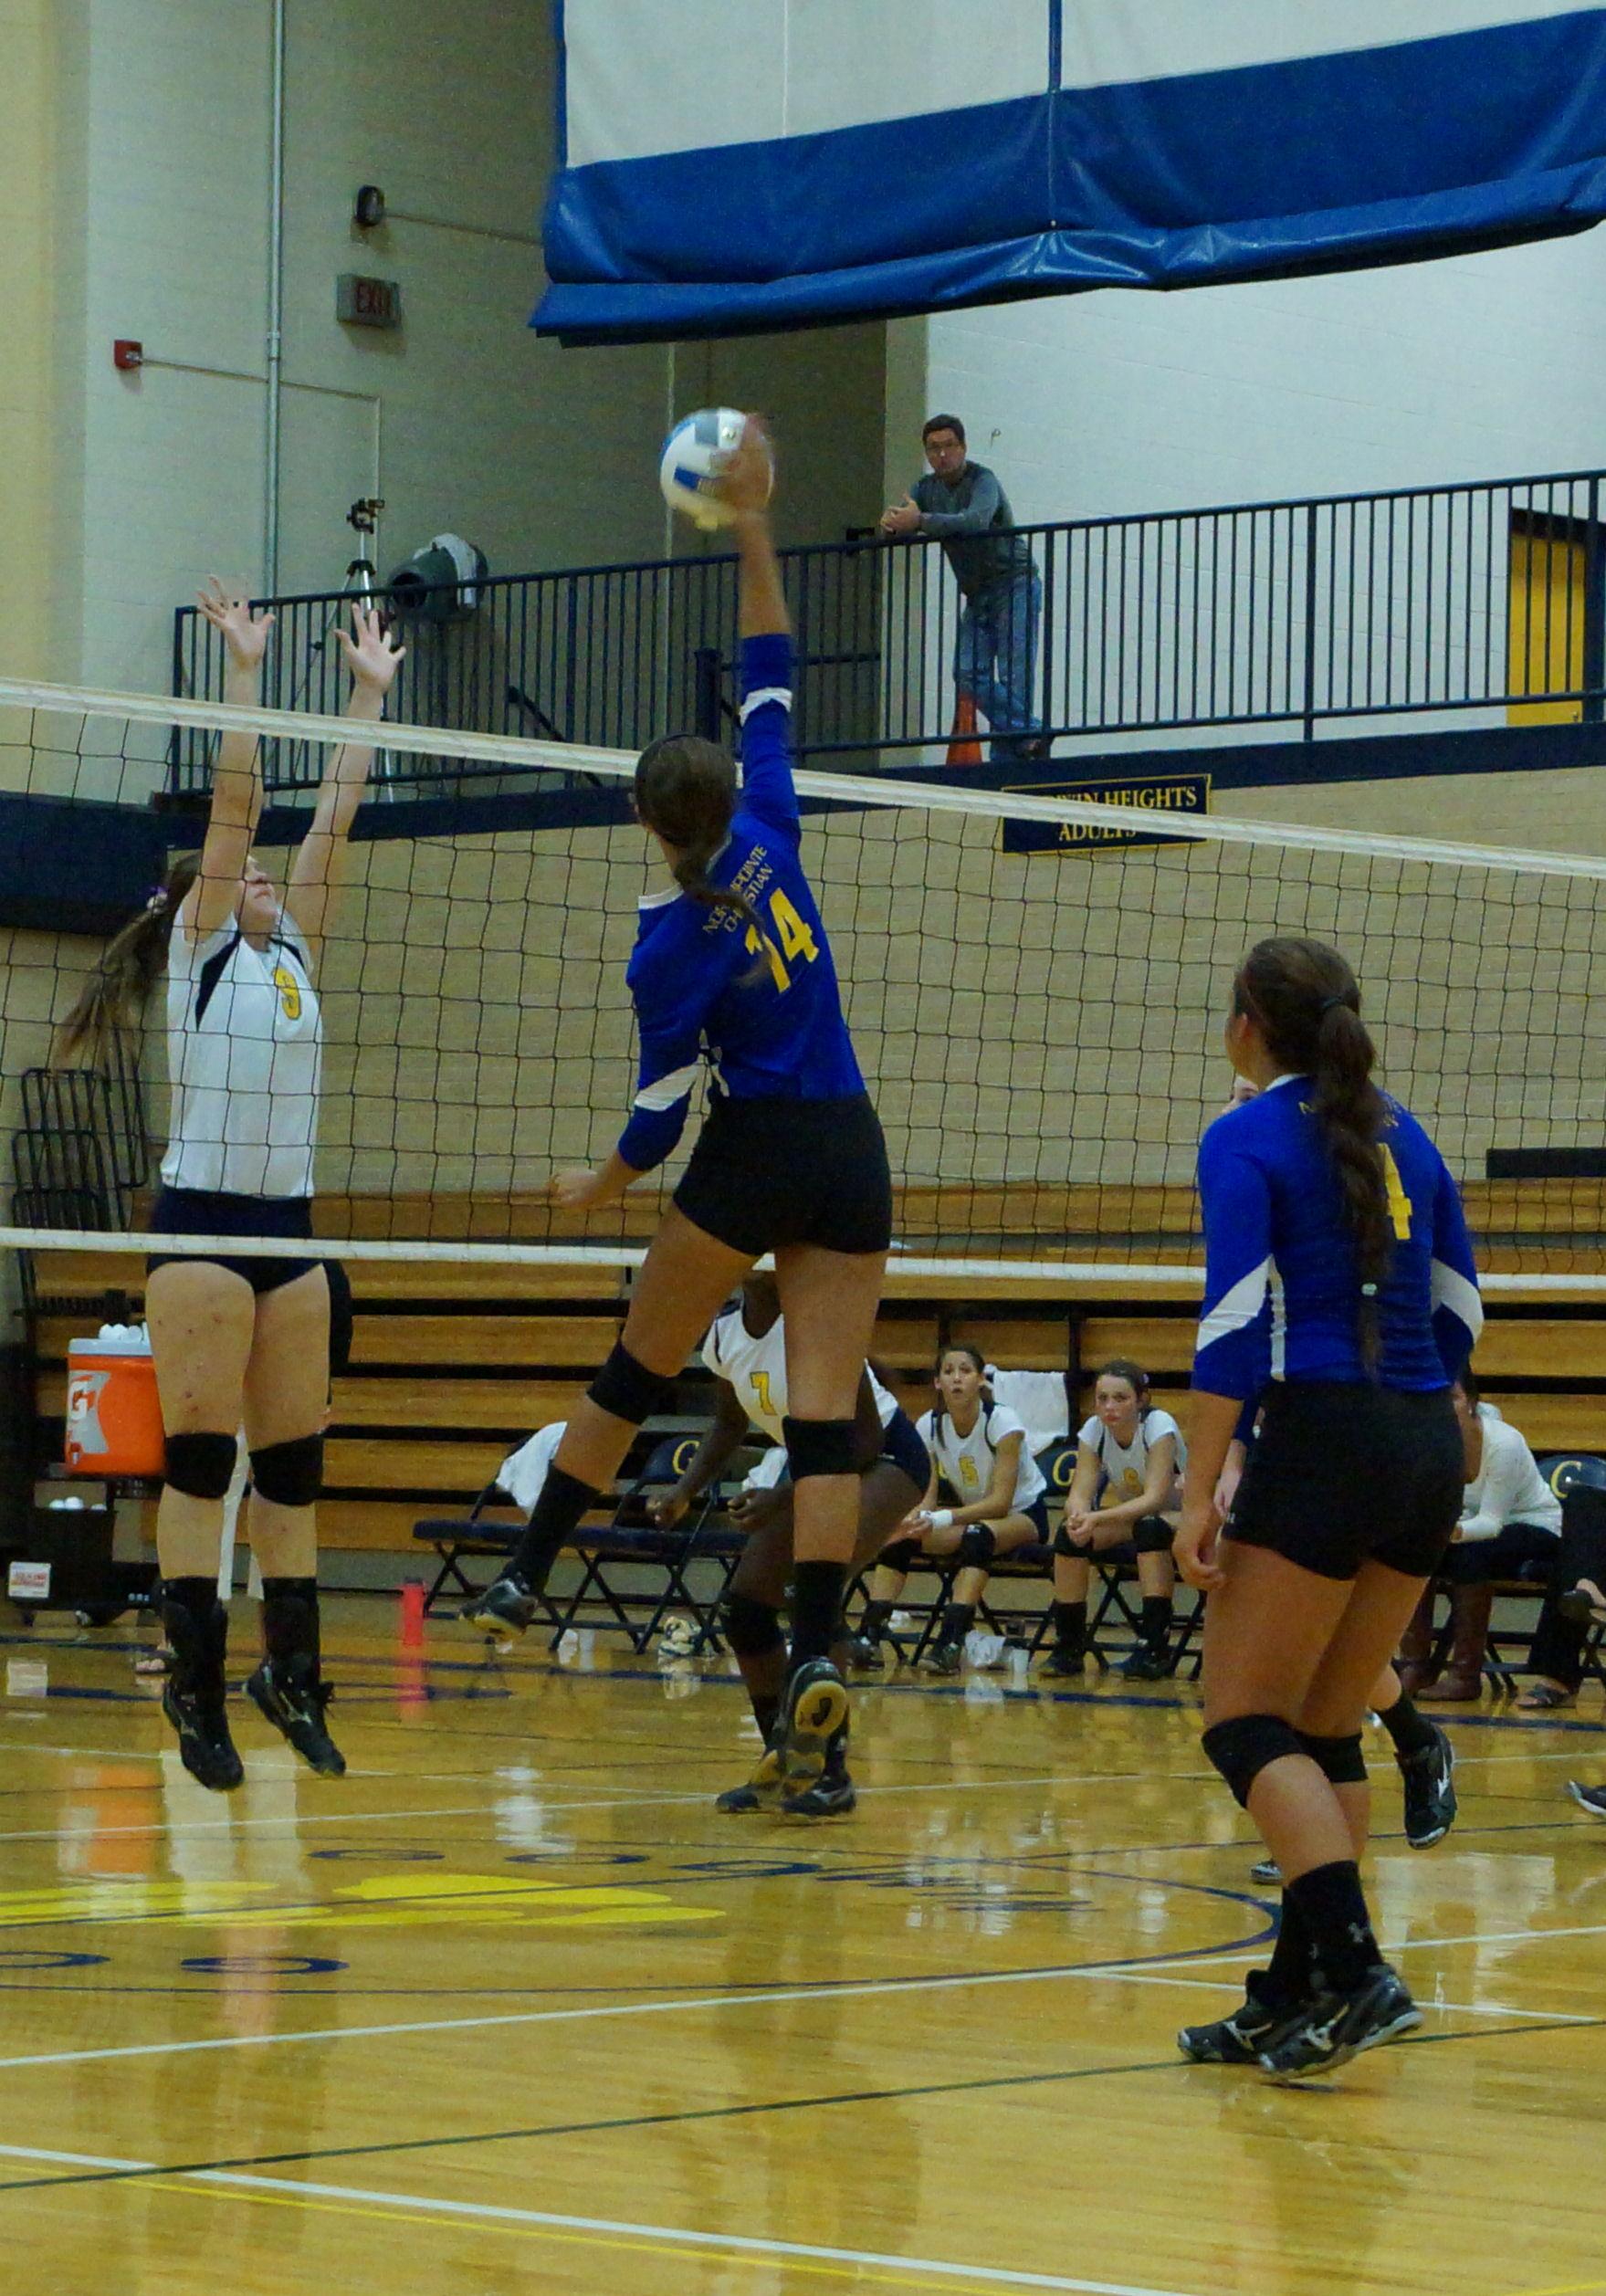 Varsity Volleyball Vs Godwin Pics Sep 19 2013